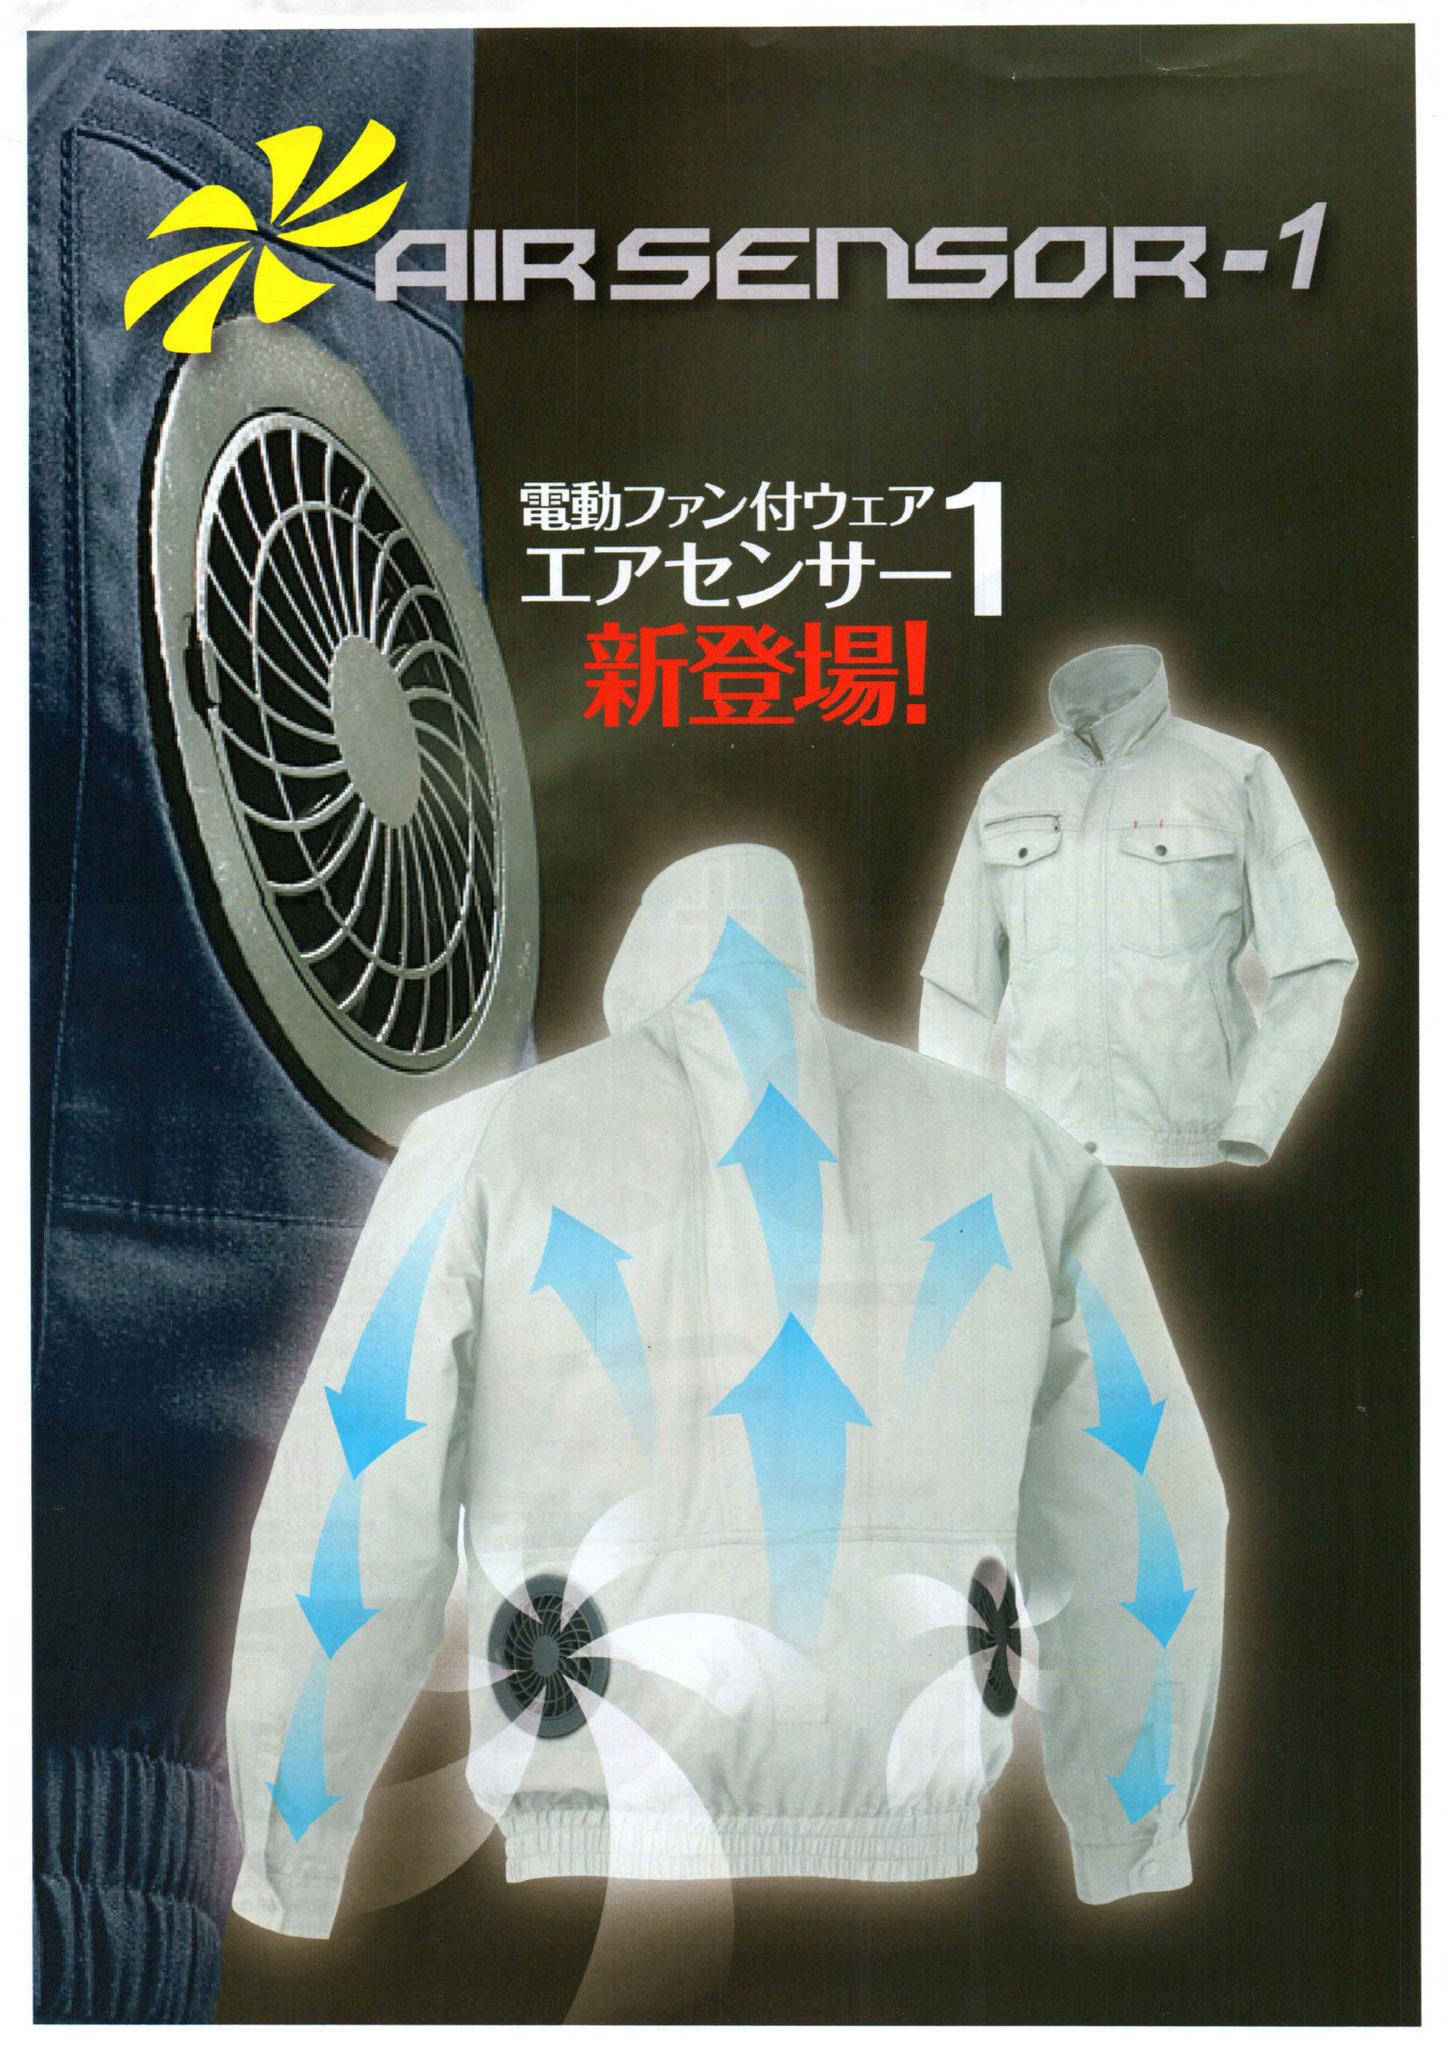 258601 空調ブルゾン ¥3,990(税込)業界に旋風を巻き起こす価格破壊!!